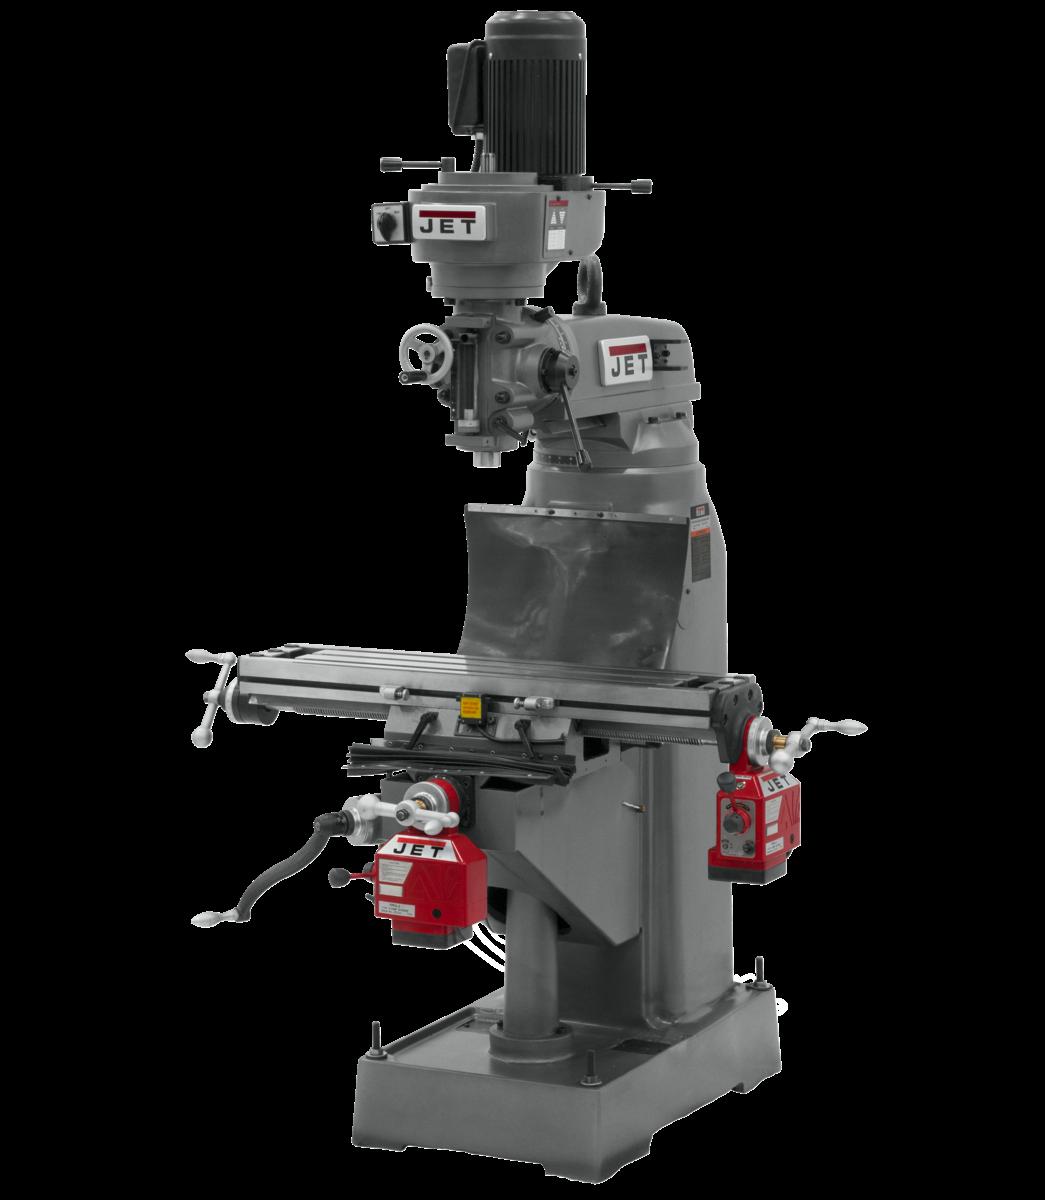 JTM-836 Fresadora con alimentación automática eje X y eje Y instaladas